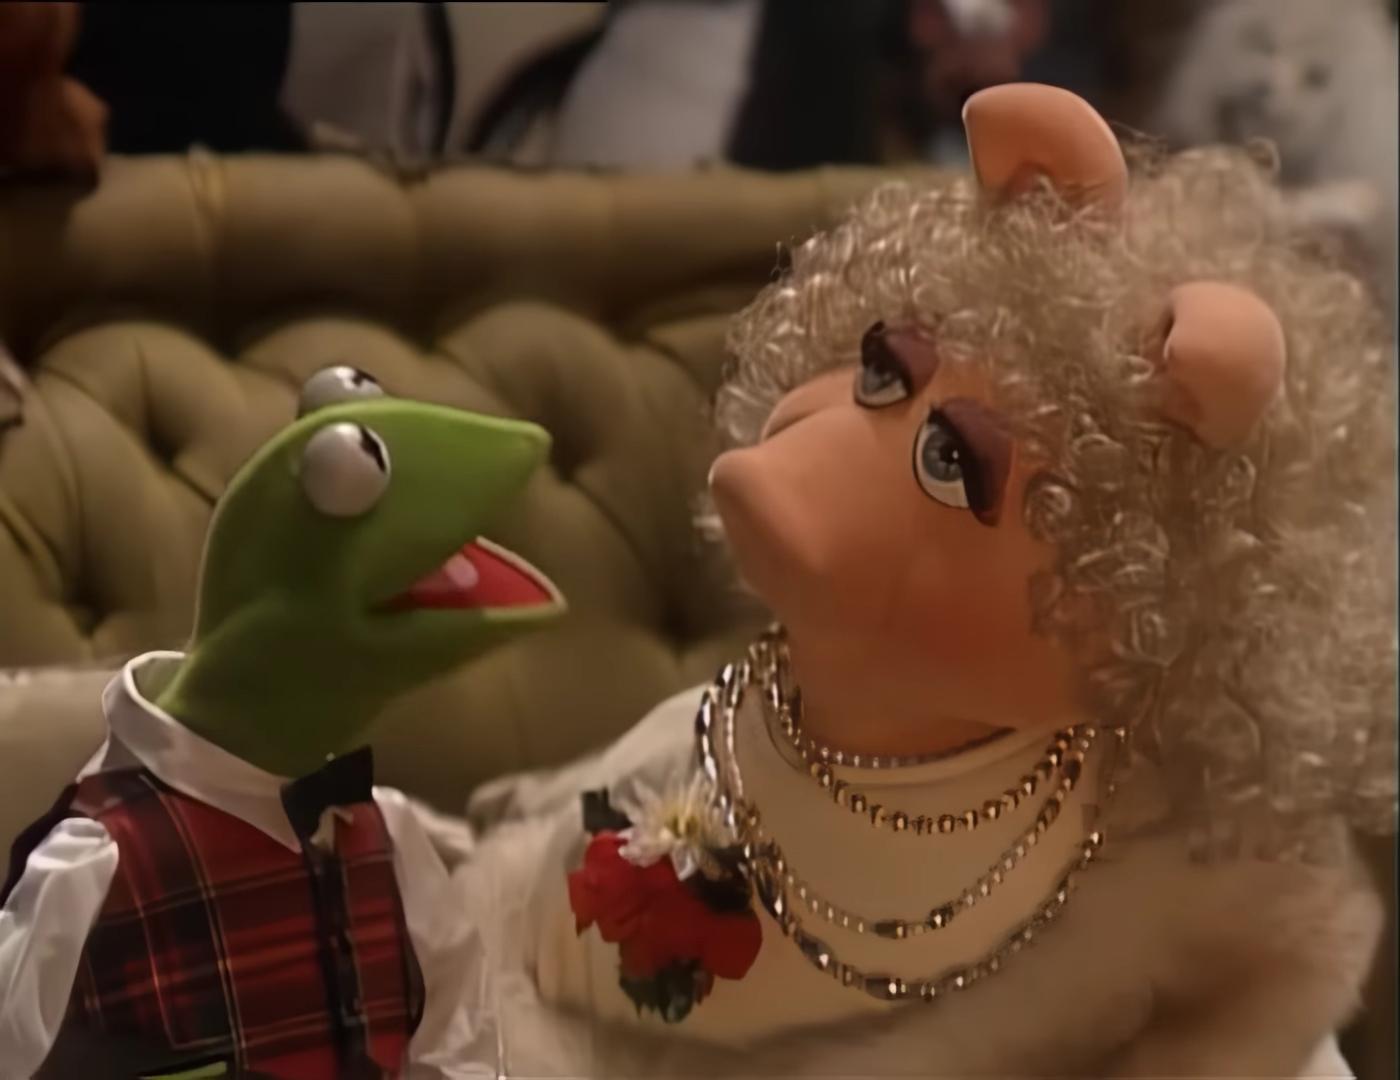 File:HaveYourselfAMerryLitteChristmas in MuppetFamilyChristmas.jpg